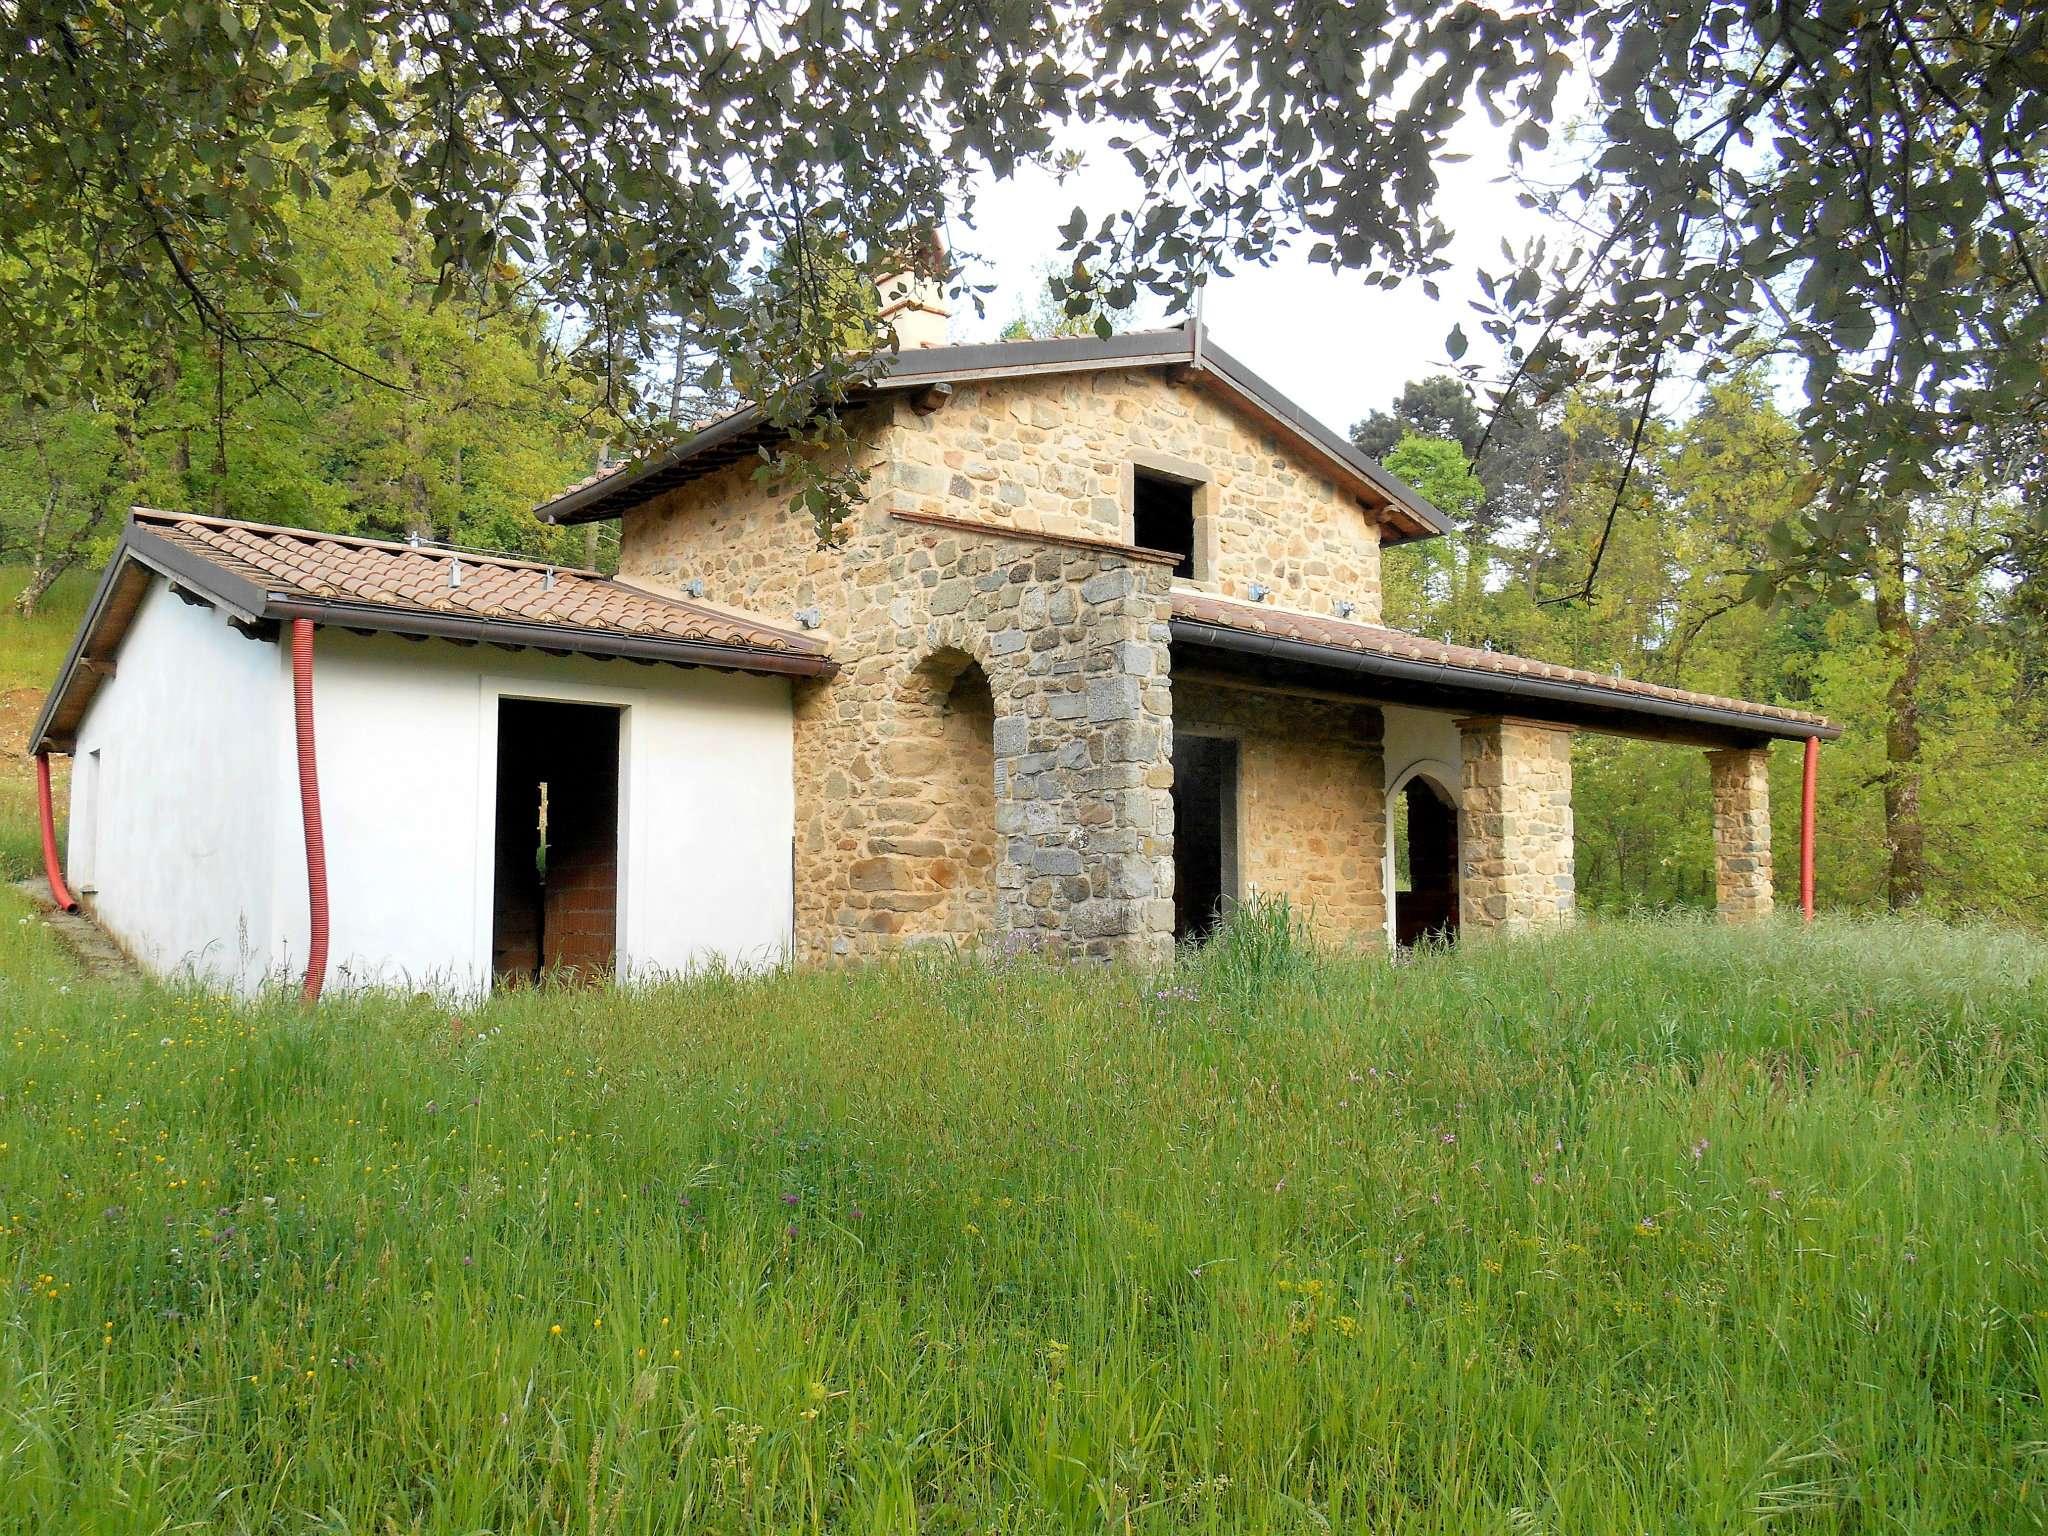 Rustico / Casale in vendita a Coreglia Antelminelli, 7 locali, prezzo € 140.000 | CambioCasa.it